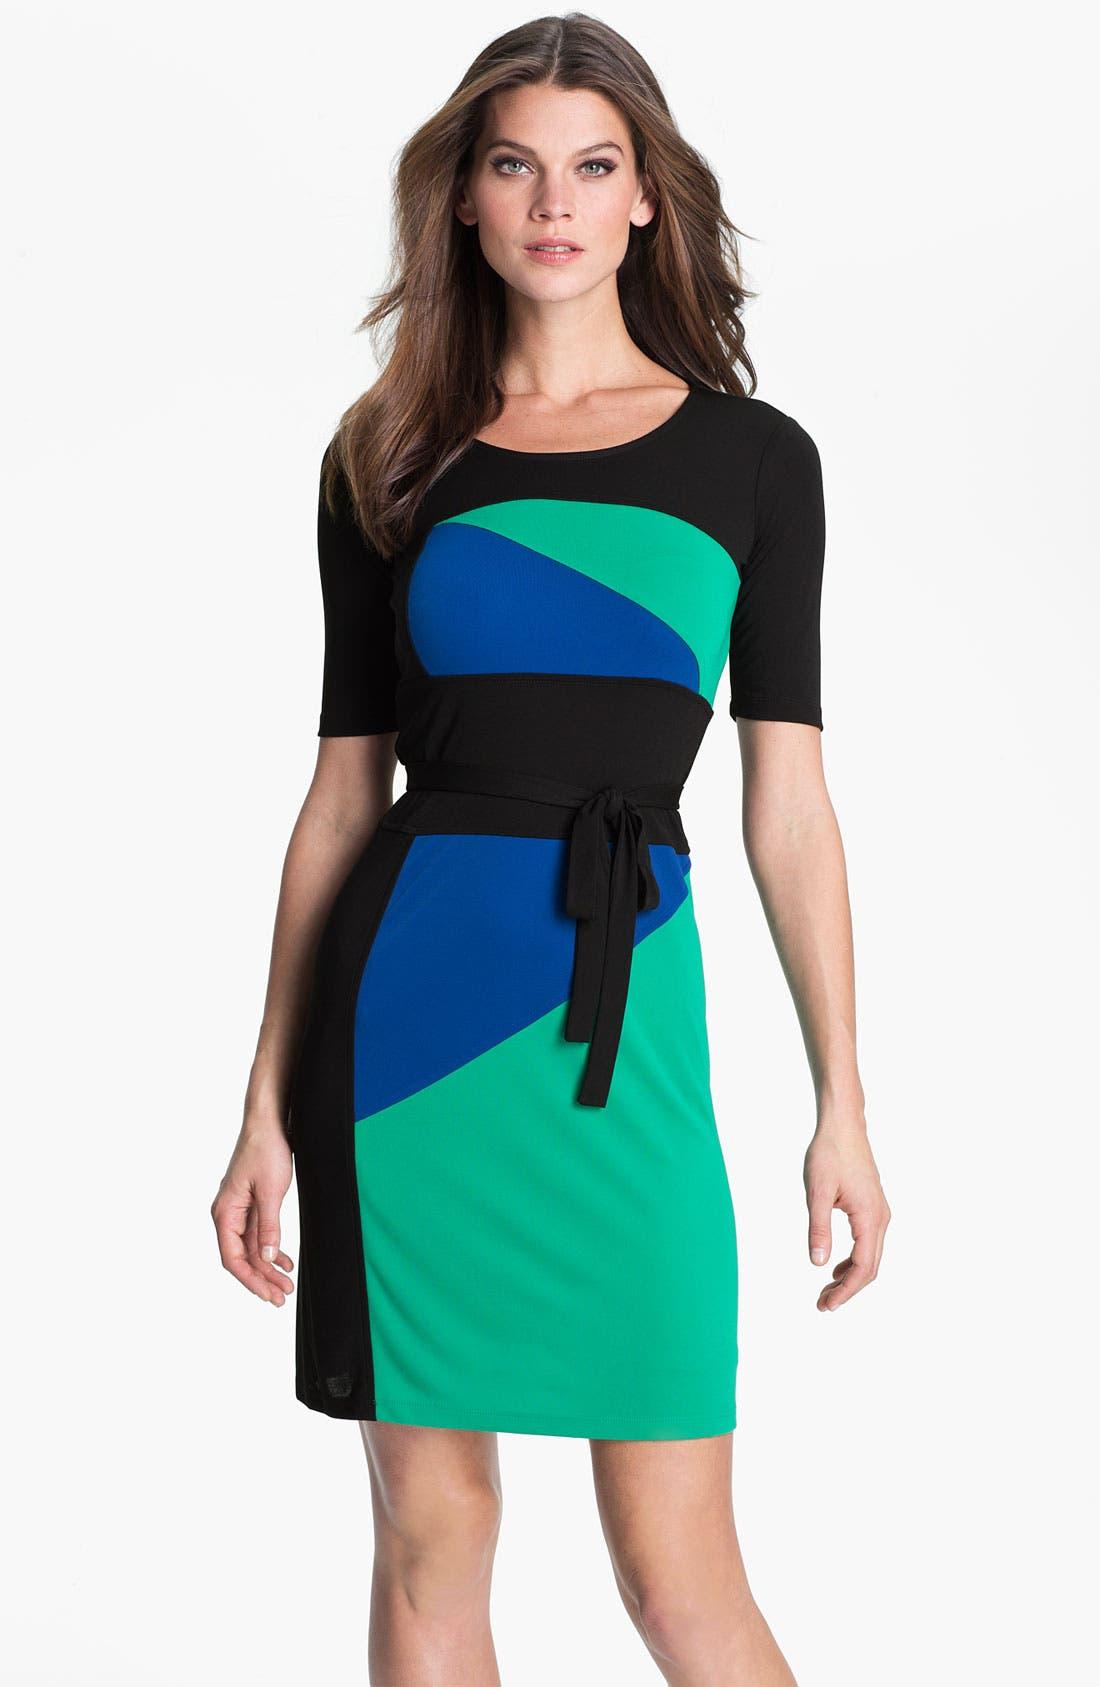 Main Image - BCBGMAXAZRIA 'Leticia' Colorblock Jersey Dress